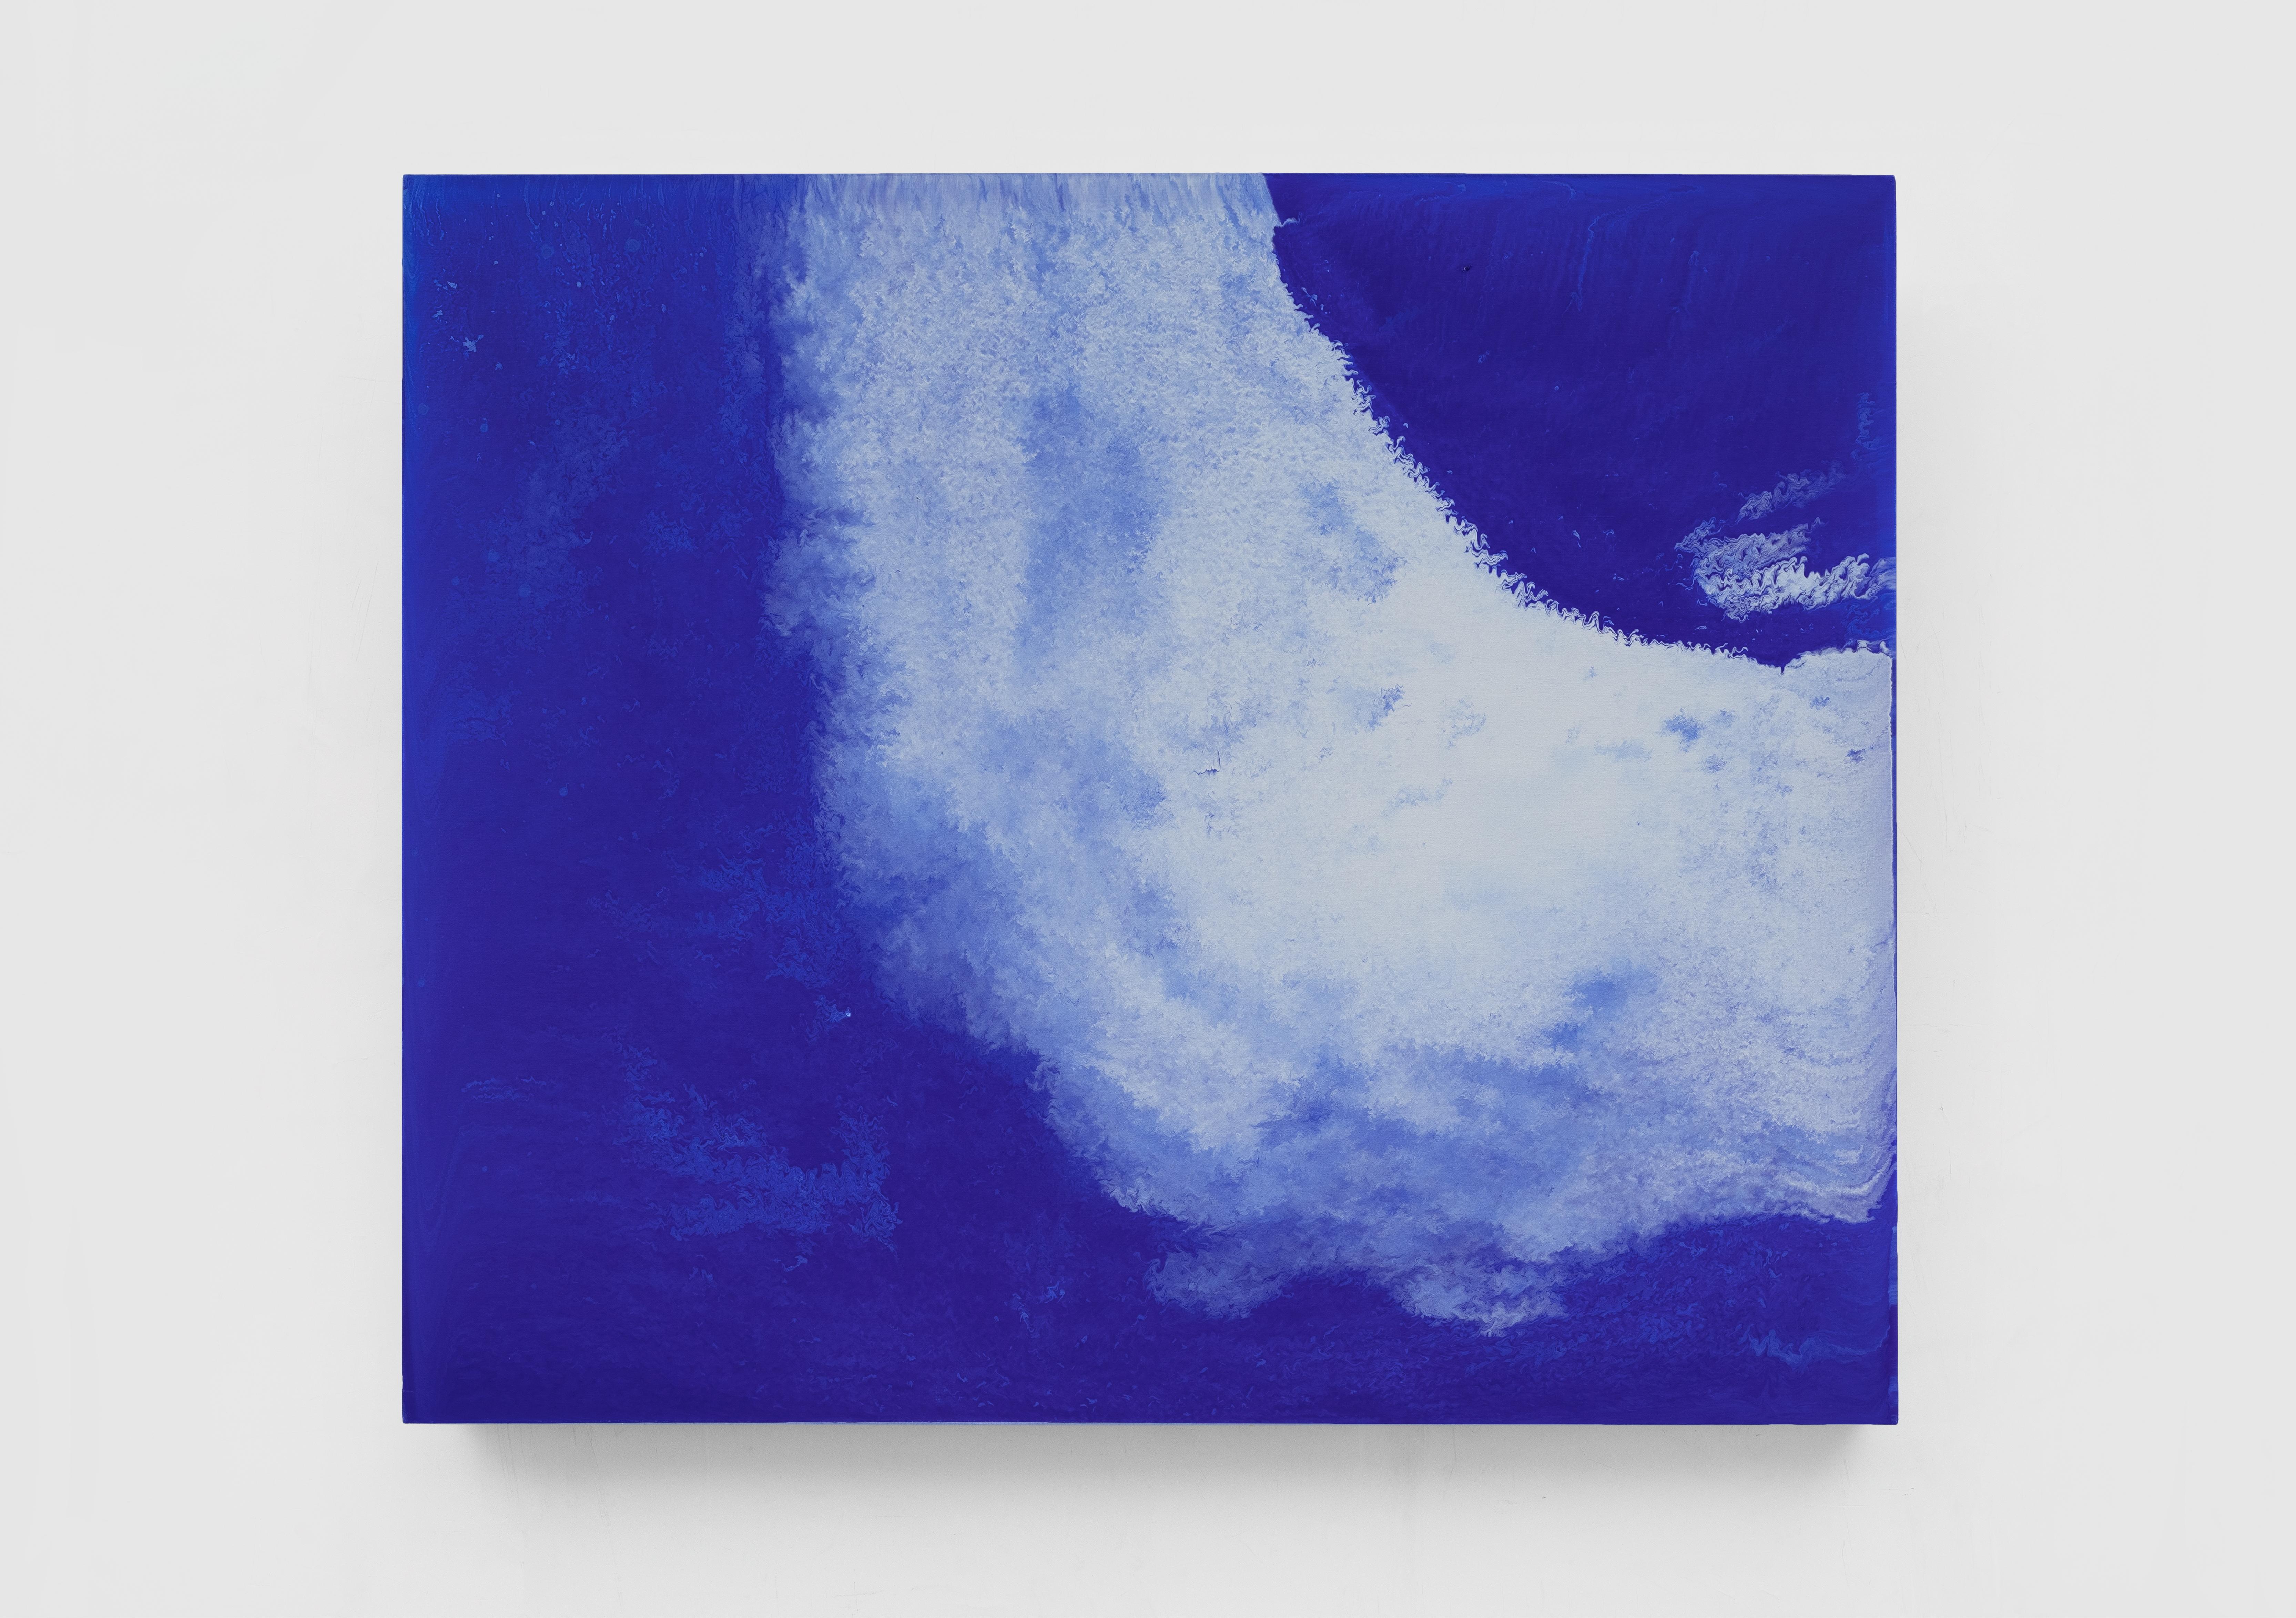 Blue X - Yanhongchi